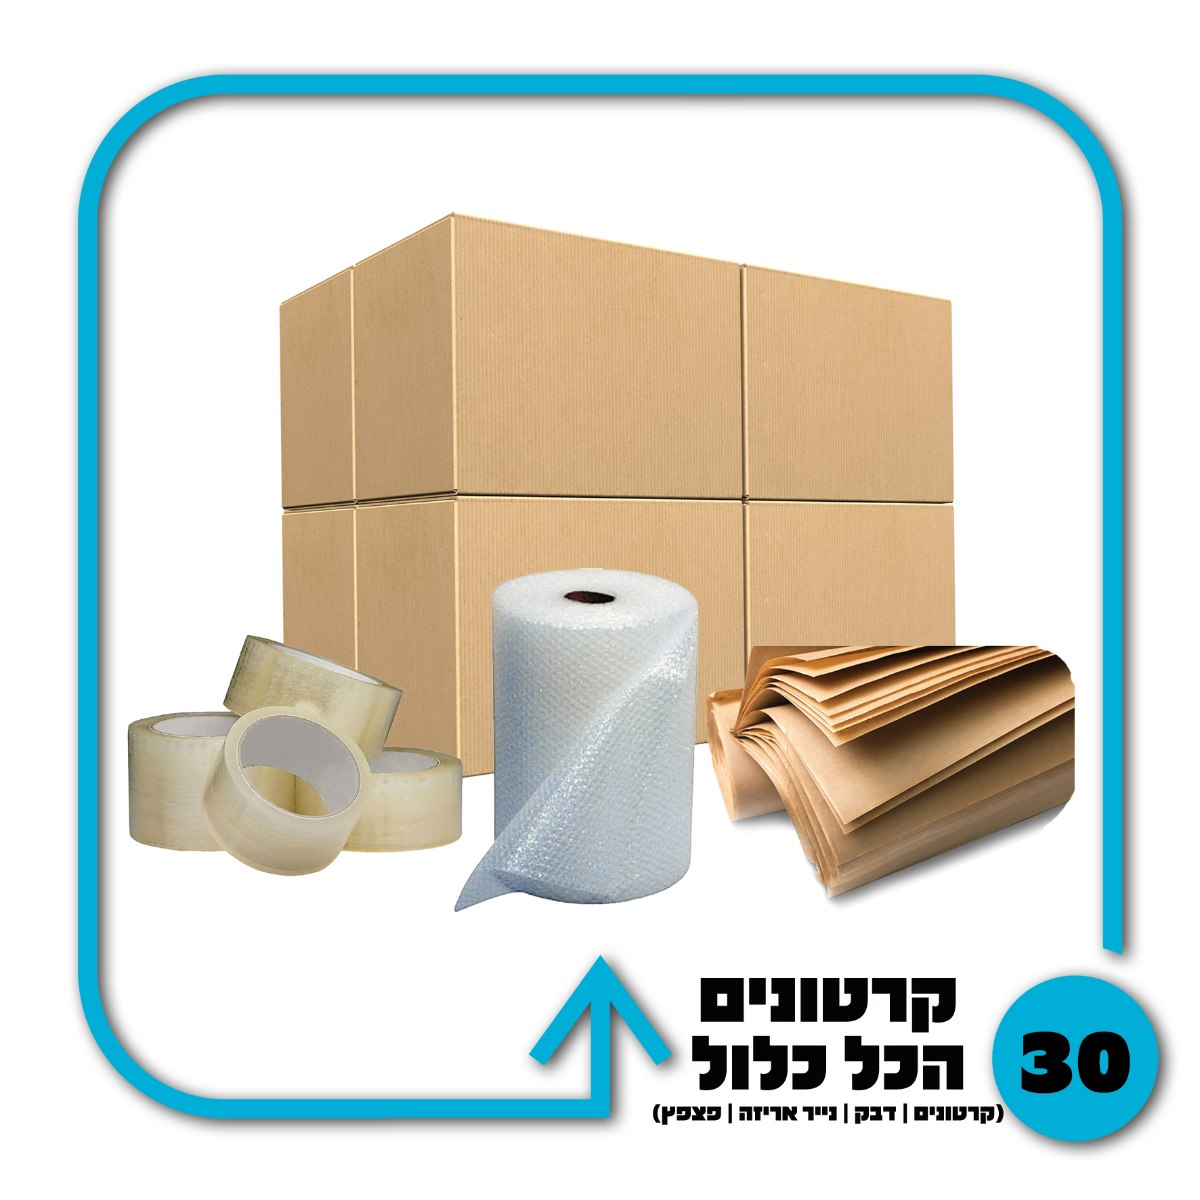 חבילת חומרי אריזה + 30 קרטונים - 2 חדרים